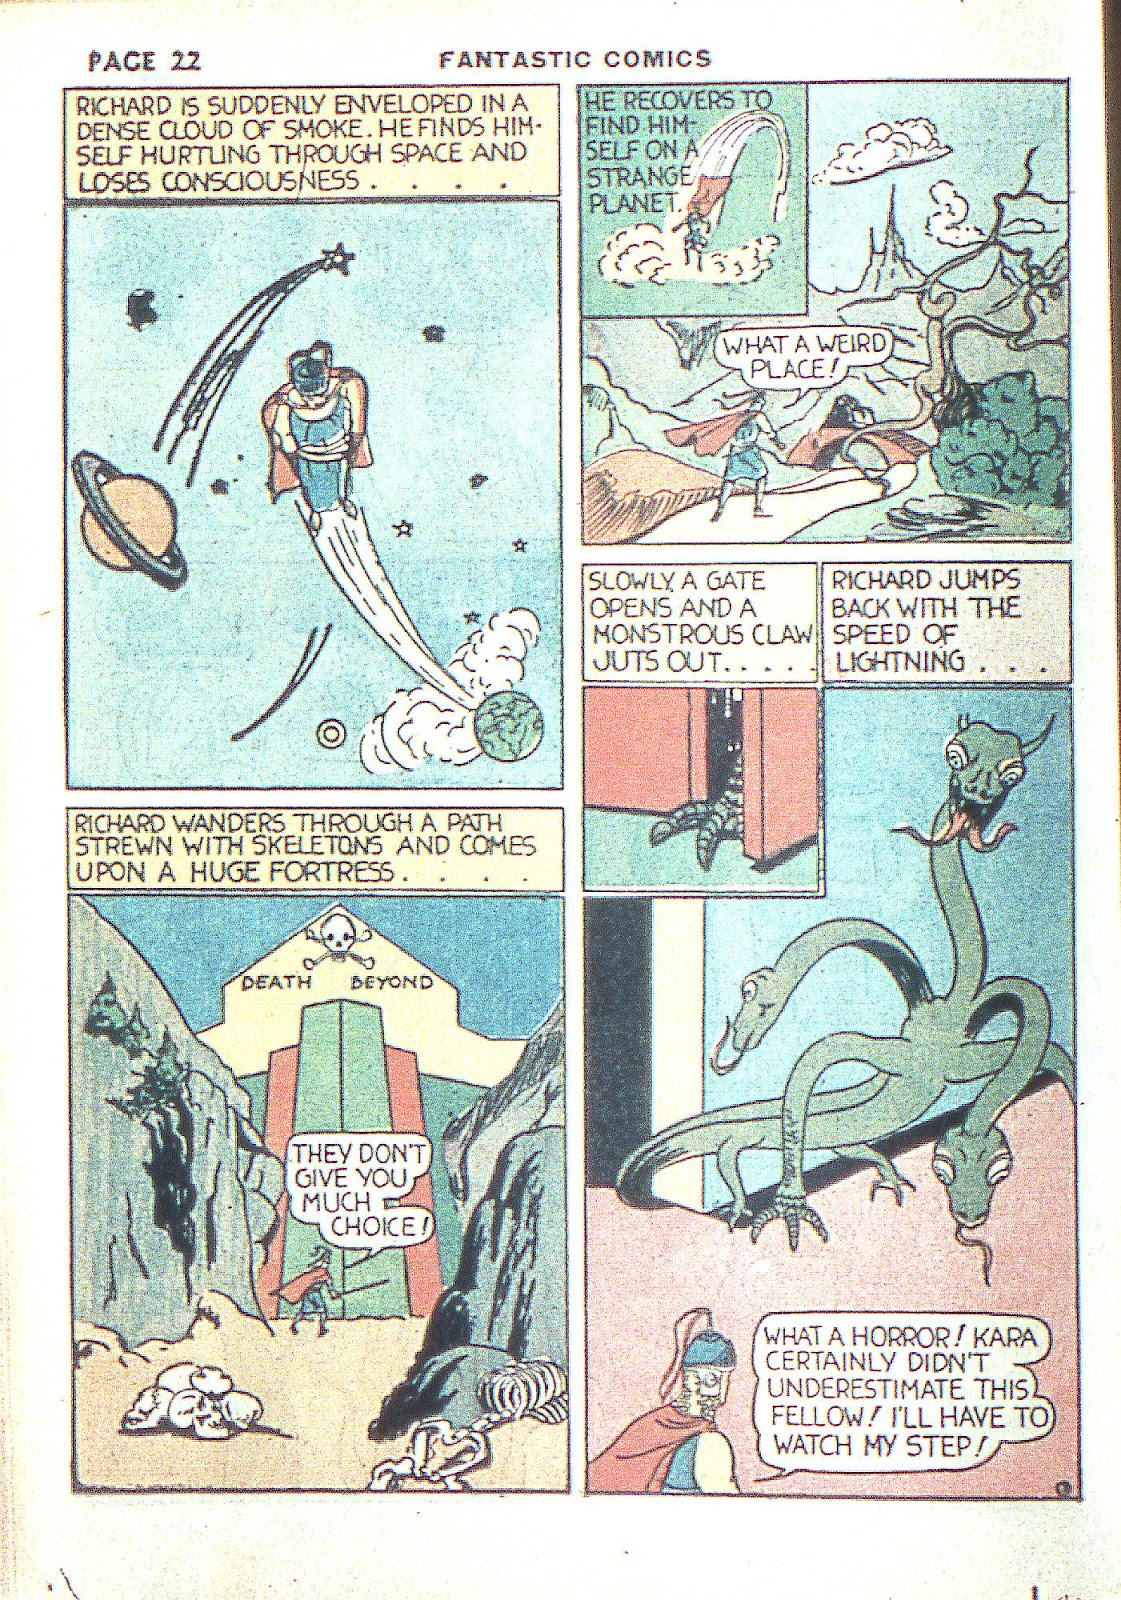 Read online Fantastic Comics comic -  Issue #3 - 25